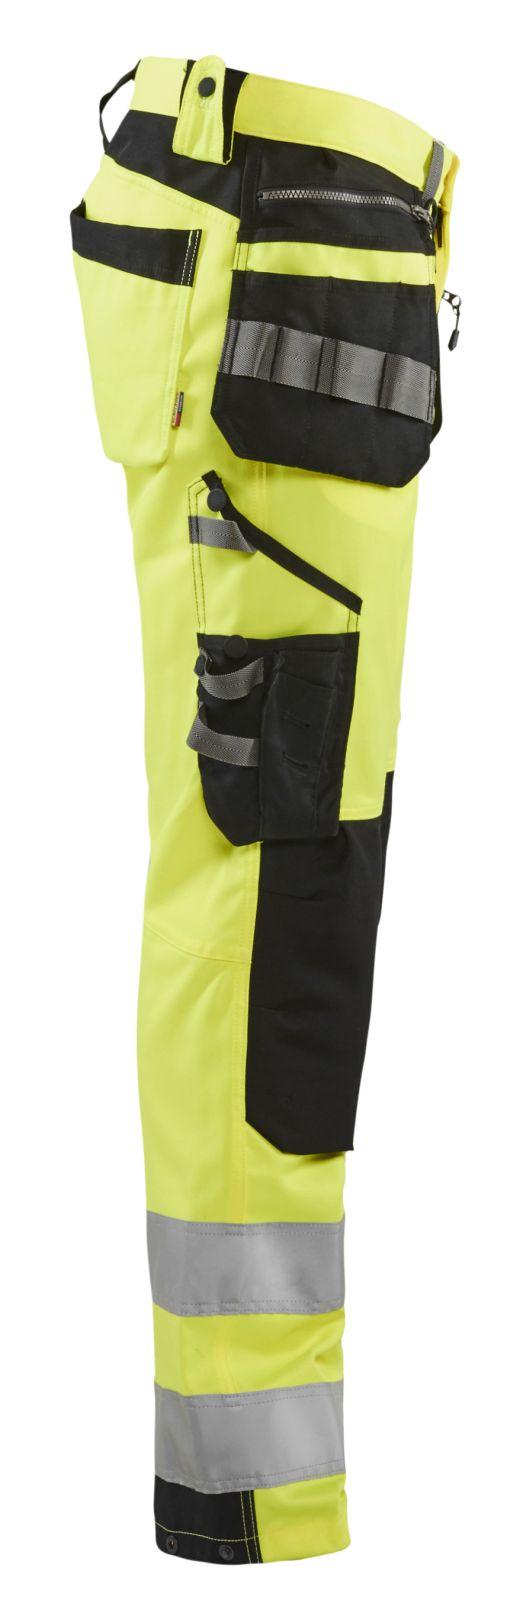 Blaklader Broeken 15921818 fluo geel-zwart(3399)